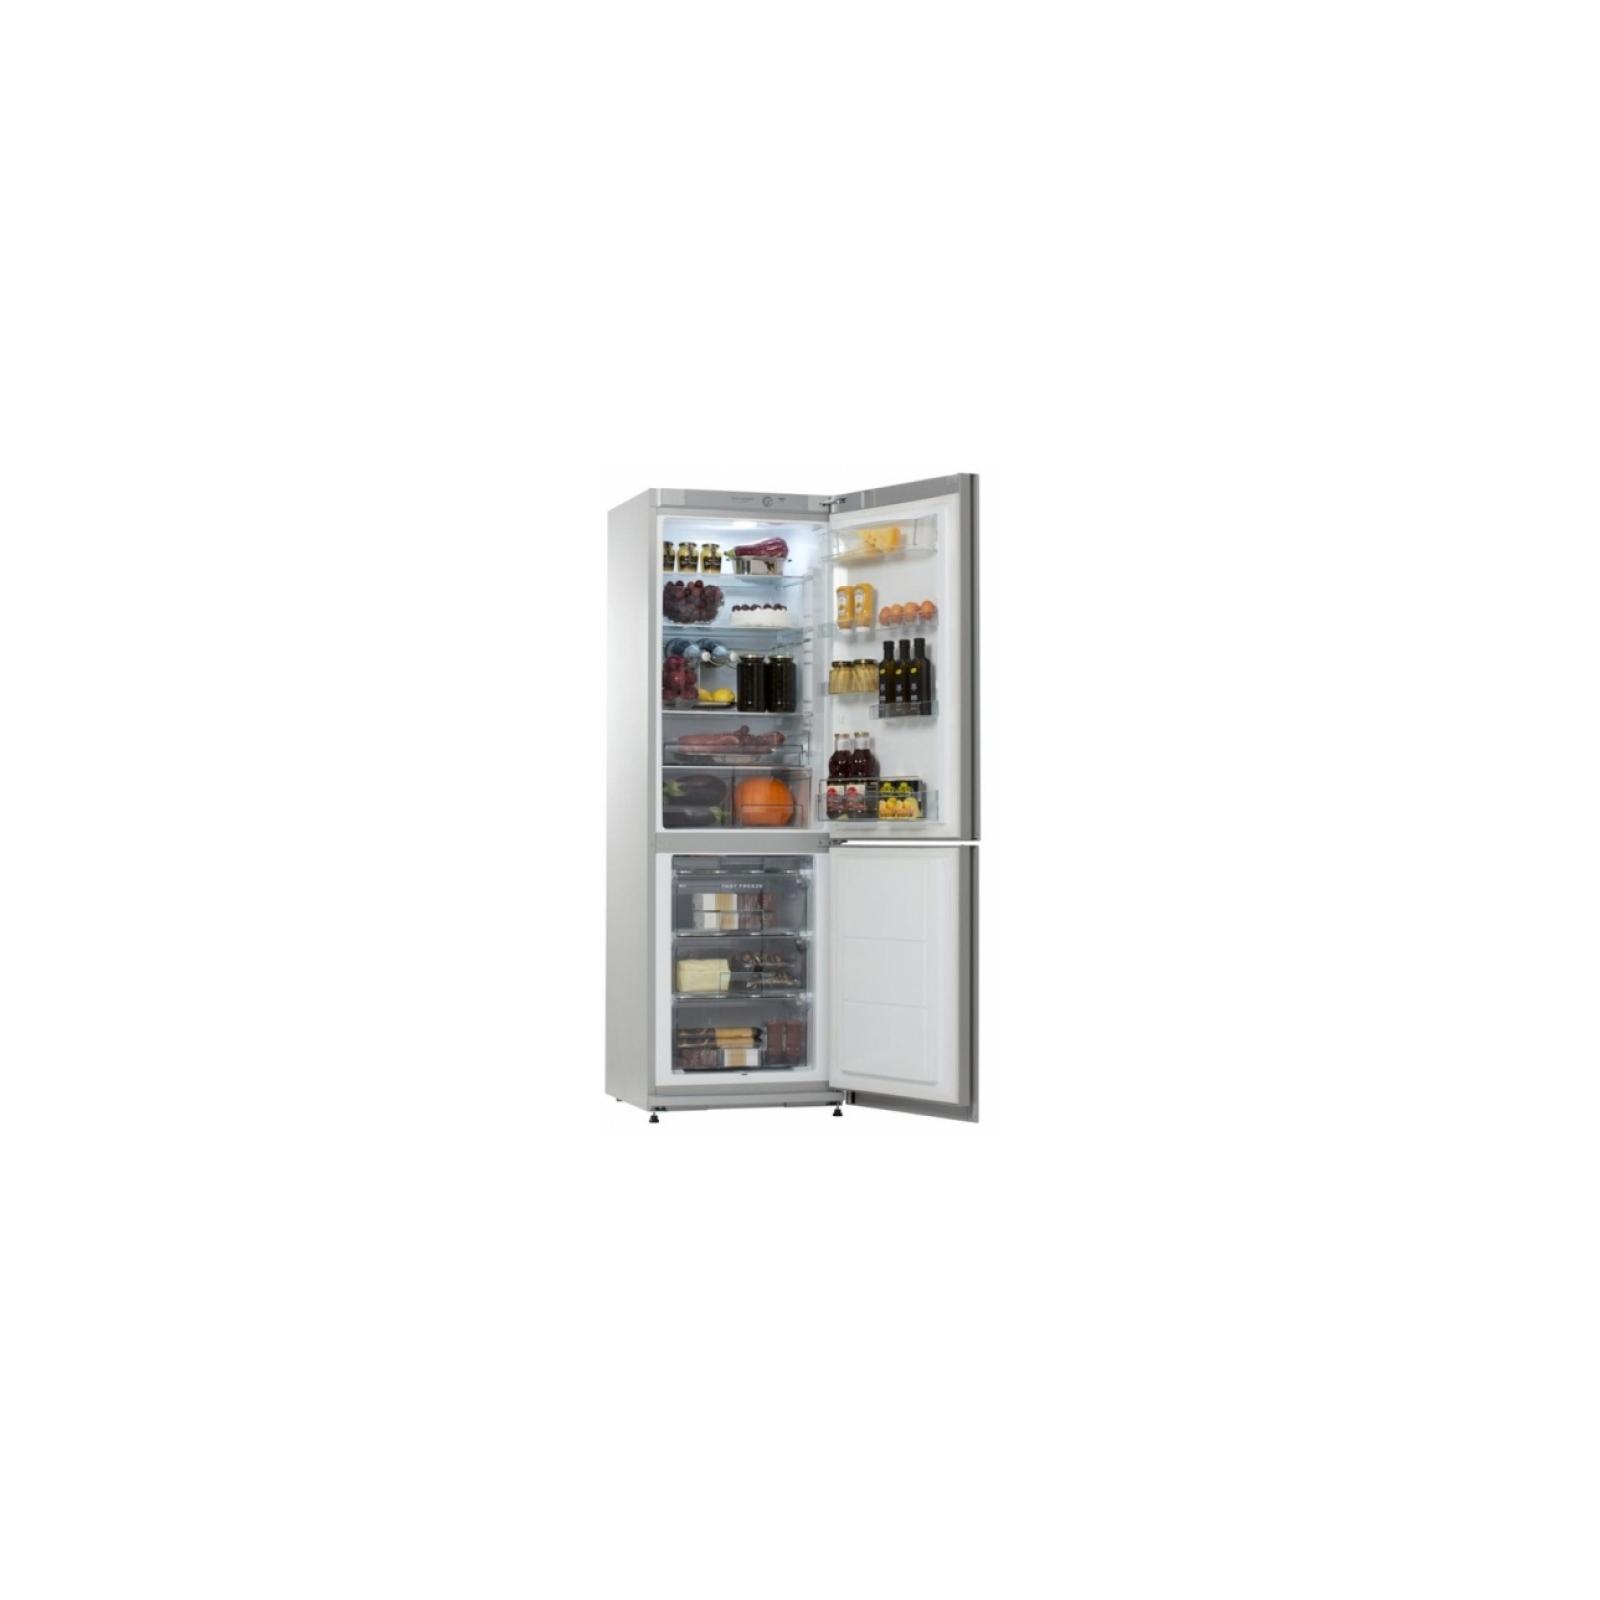 Холодильник Snaige RF36NG-Z1AH27R изображение 2